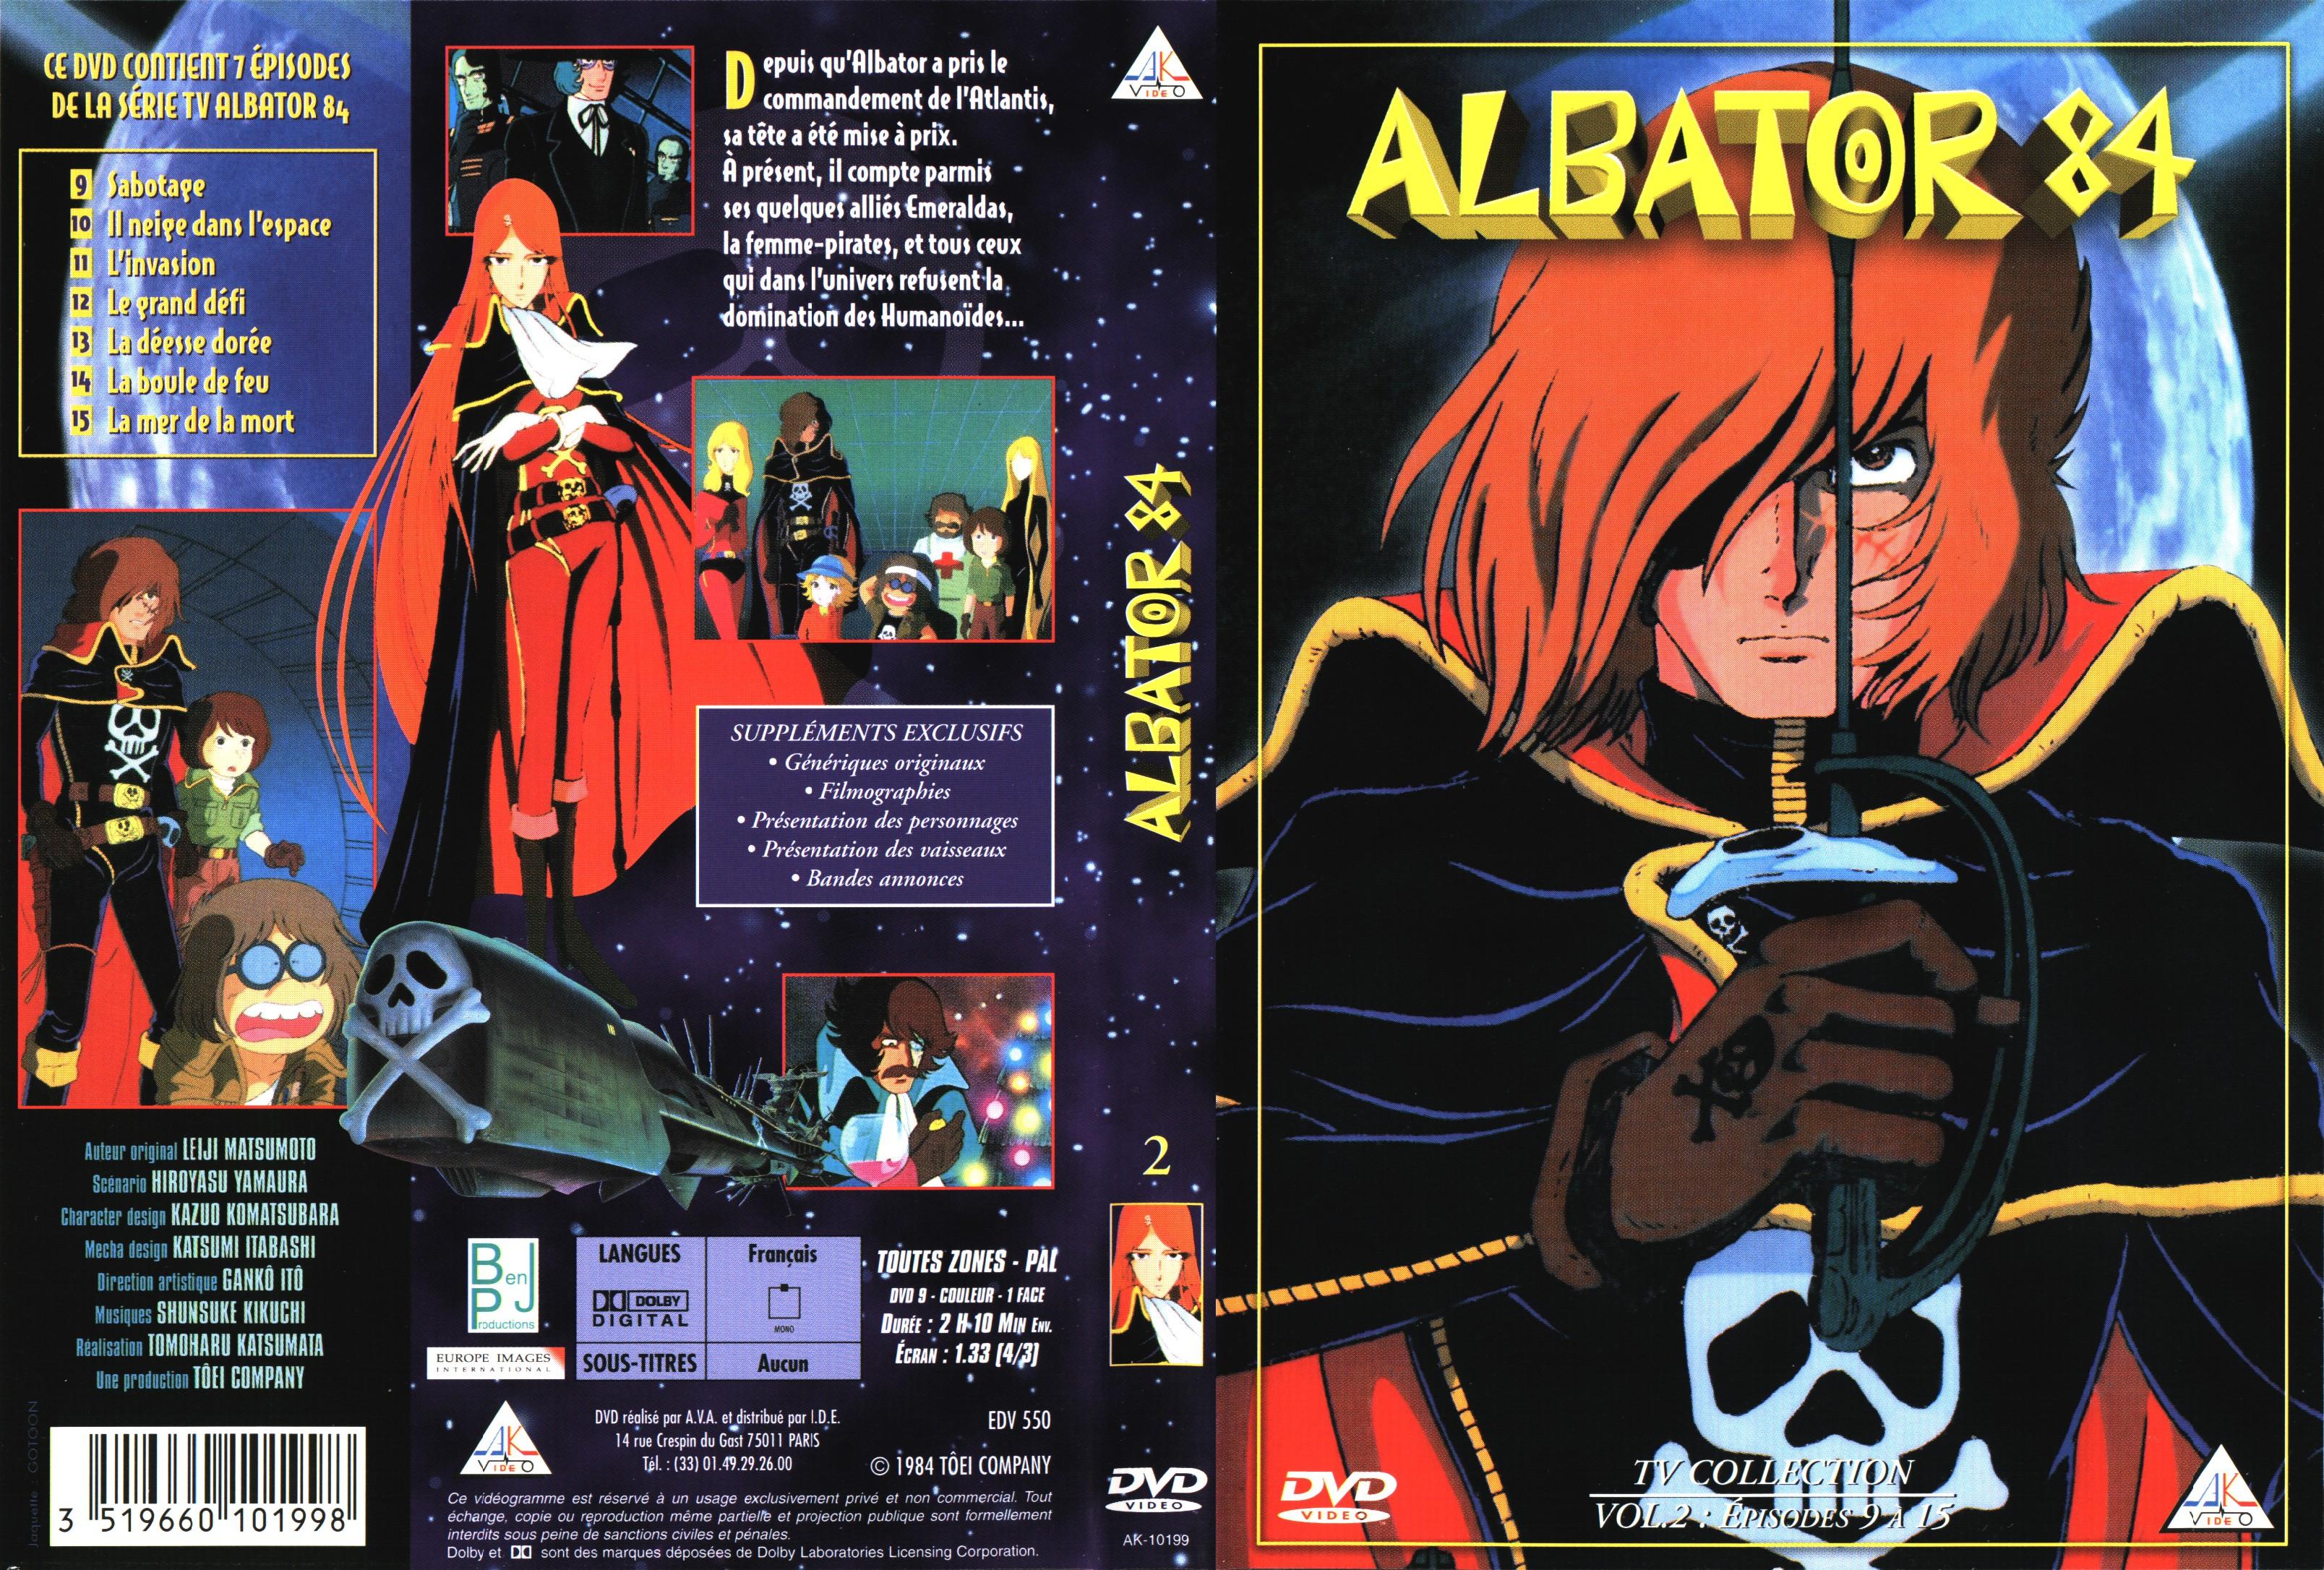 albator 84 dvd